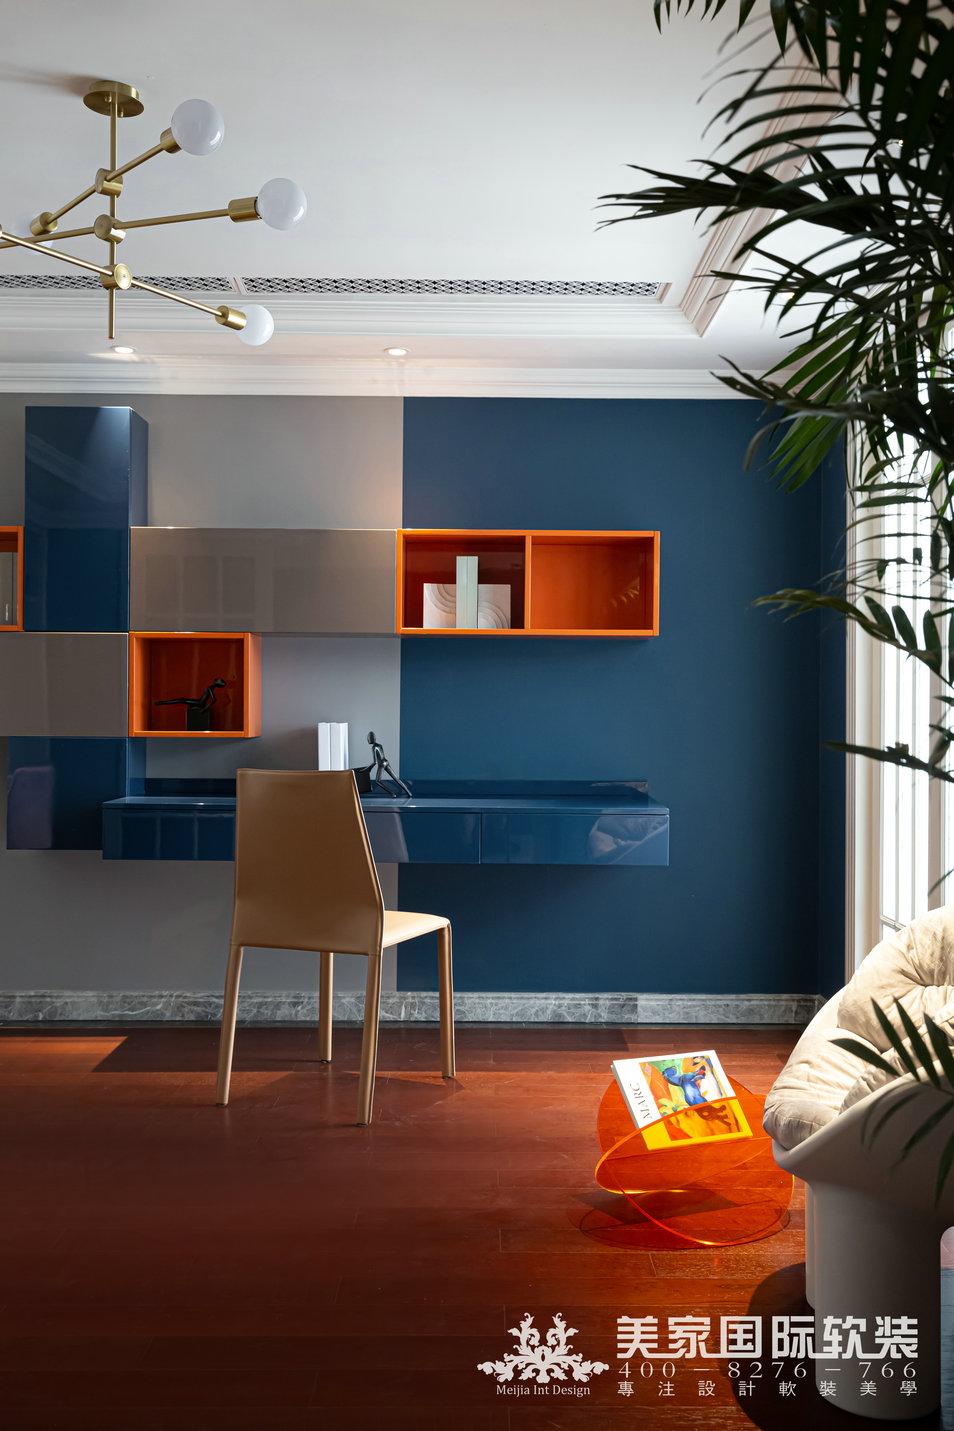 嘉潤公館軟裝設計實景案例——292㎡現代法式書房設計實景圖